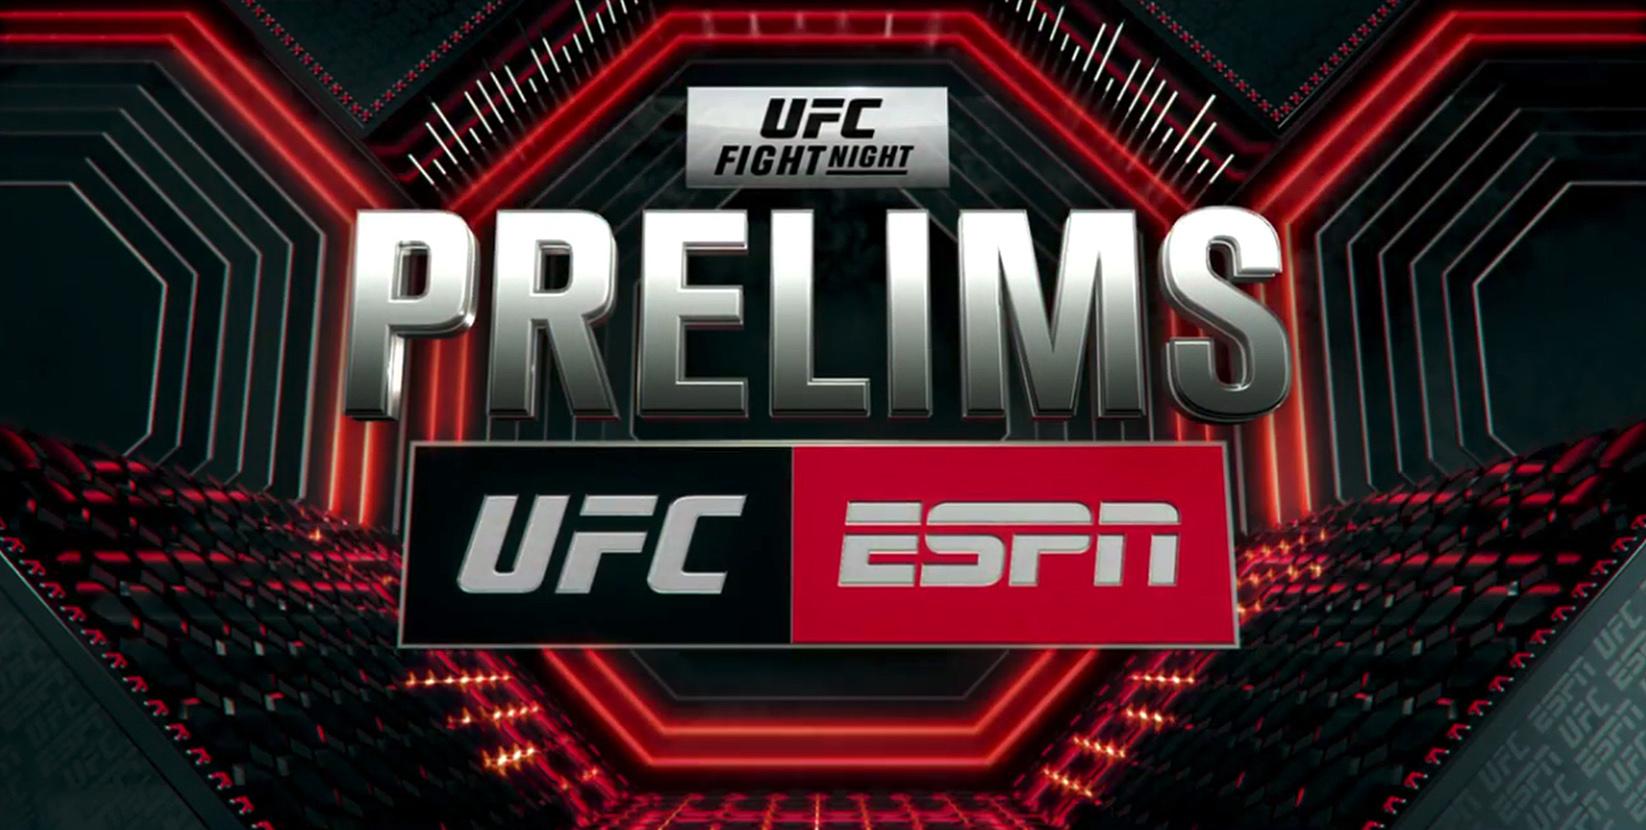 NCS_UFC-ESPN_0032